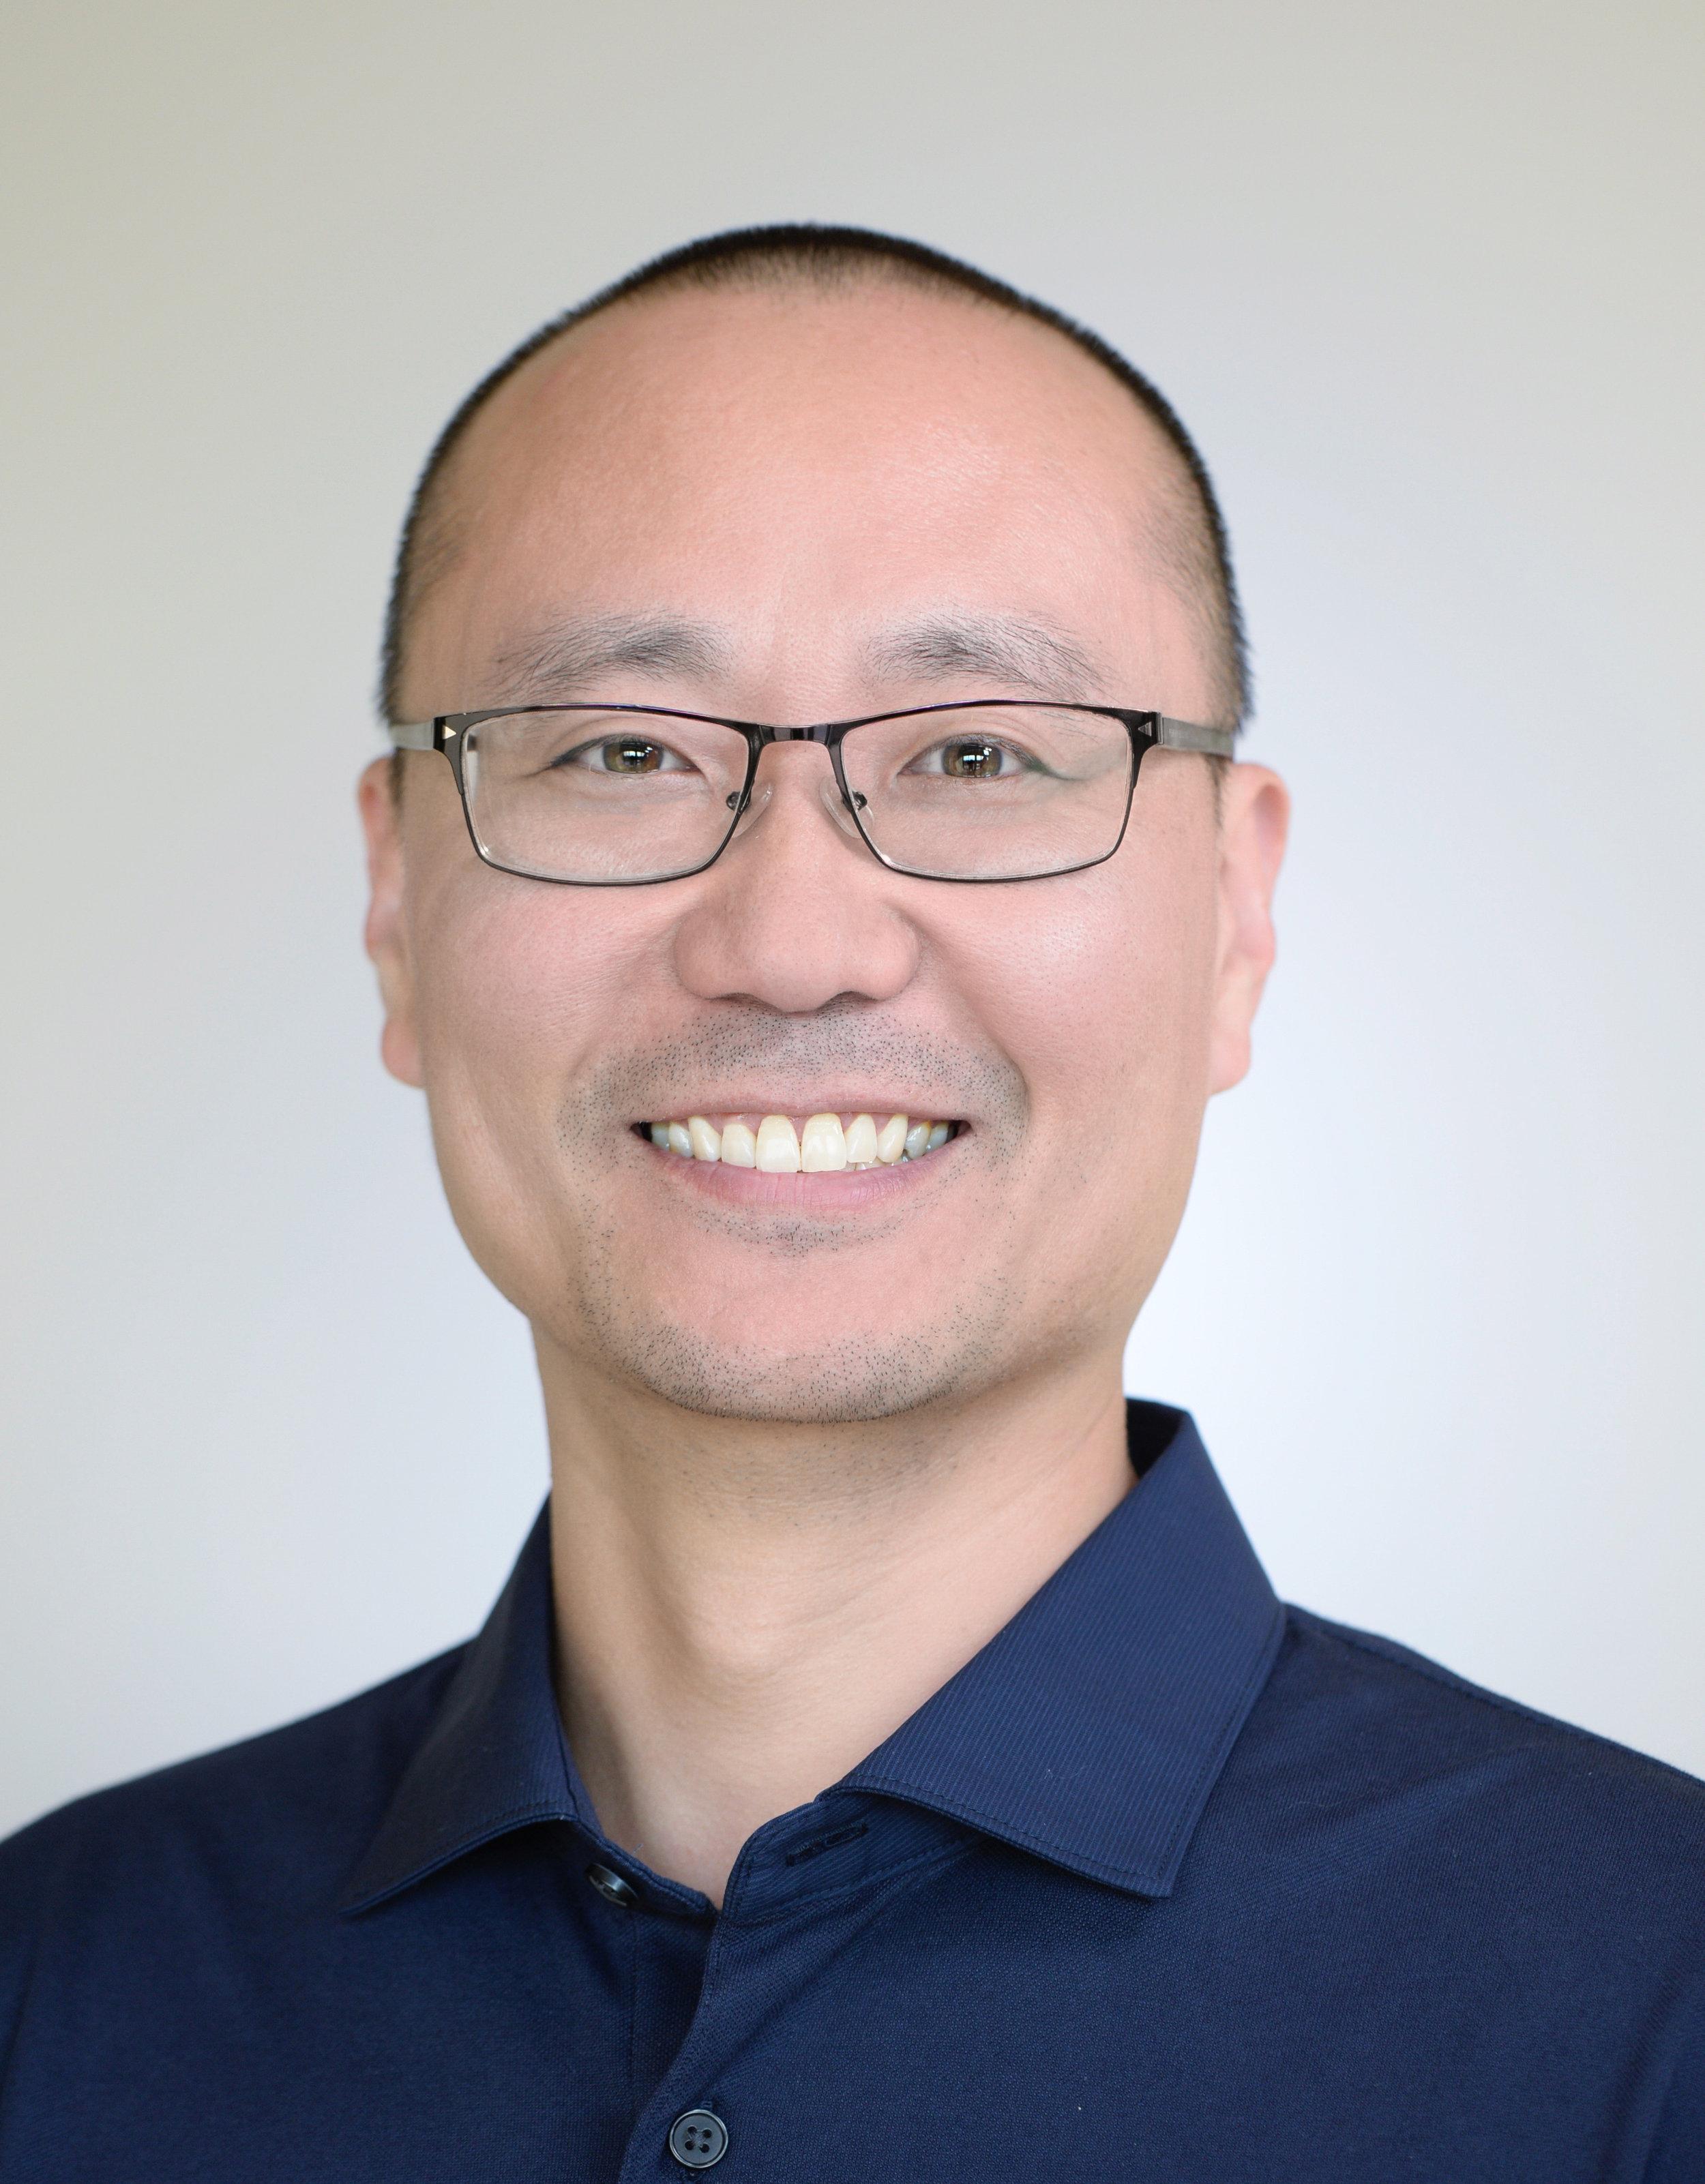 Dr. Shin Portrait (9_2018)-Retouched.jpg